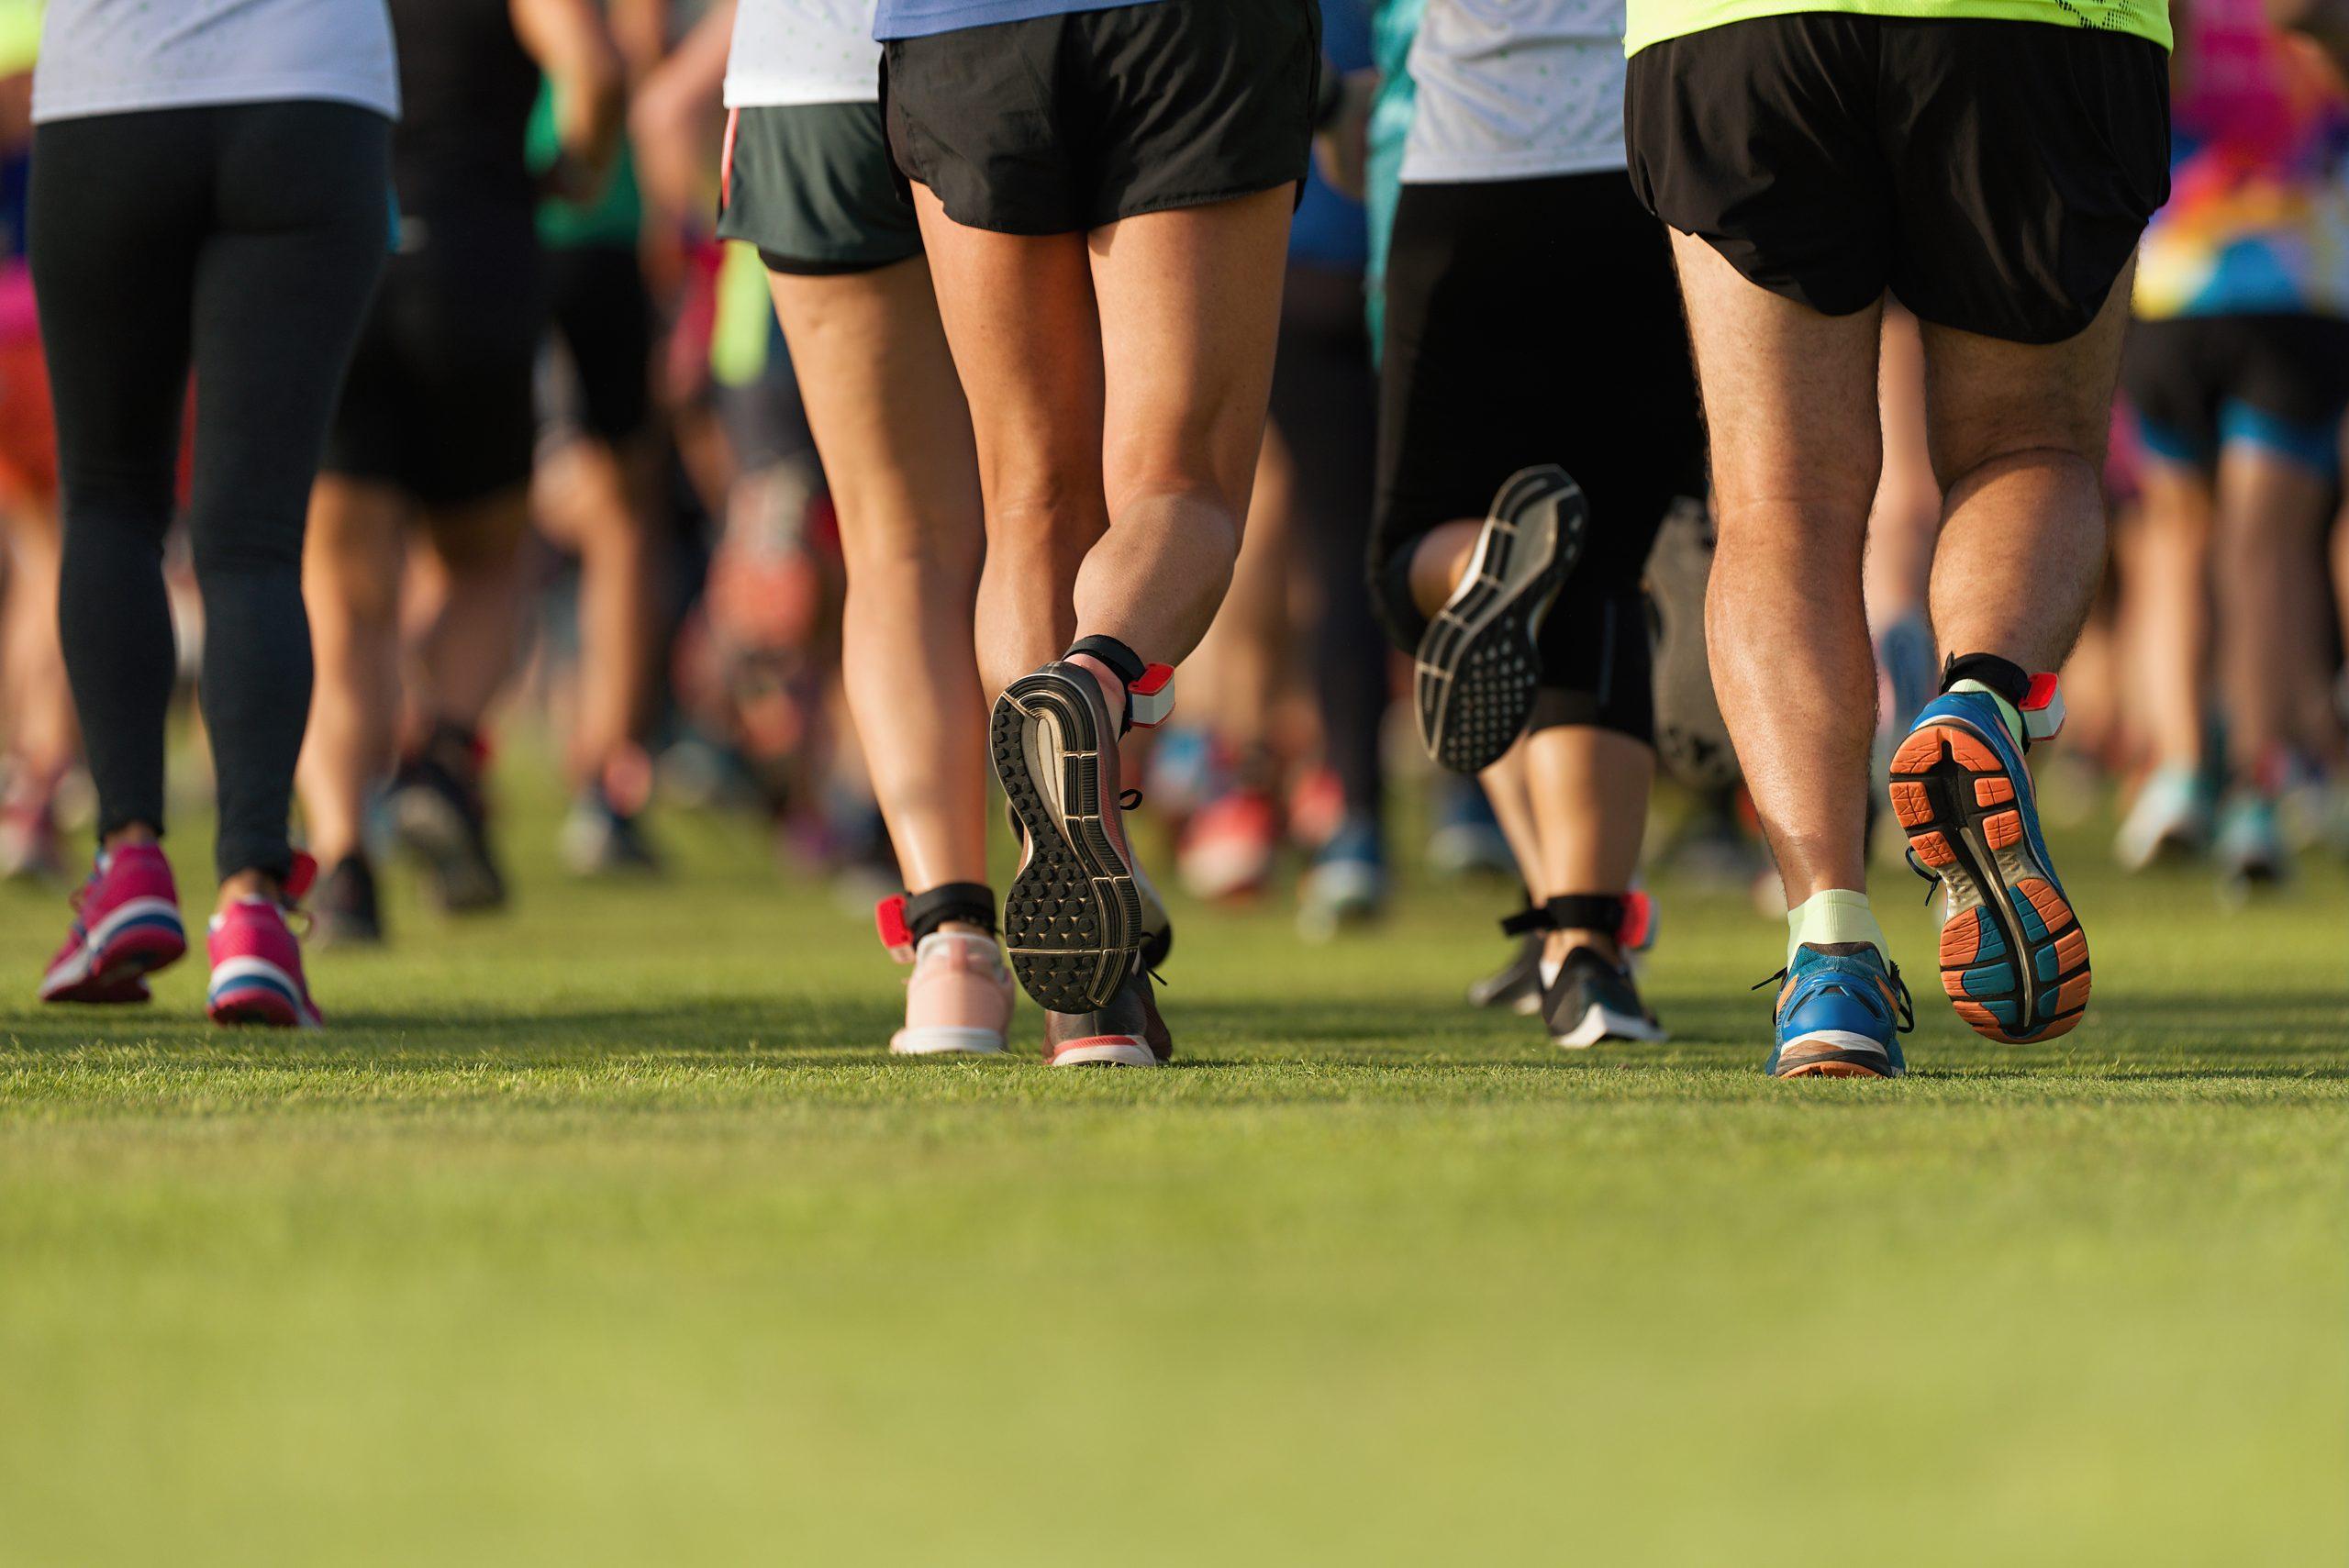 ケガすることなく走り続けよう!足を故障する3つの原因と対策